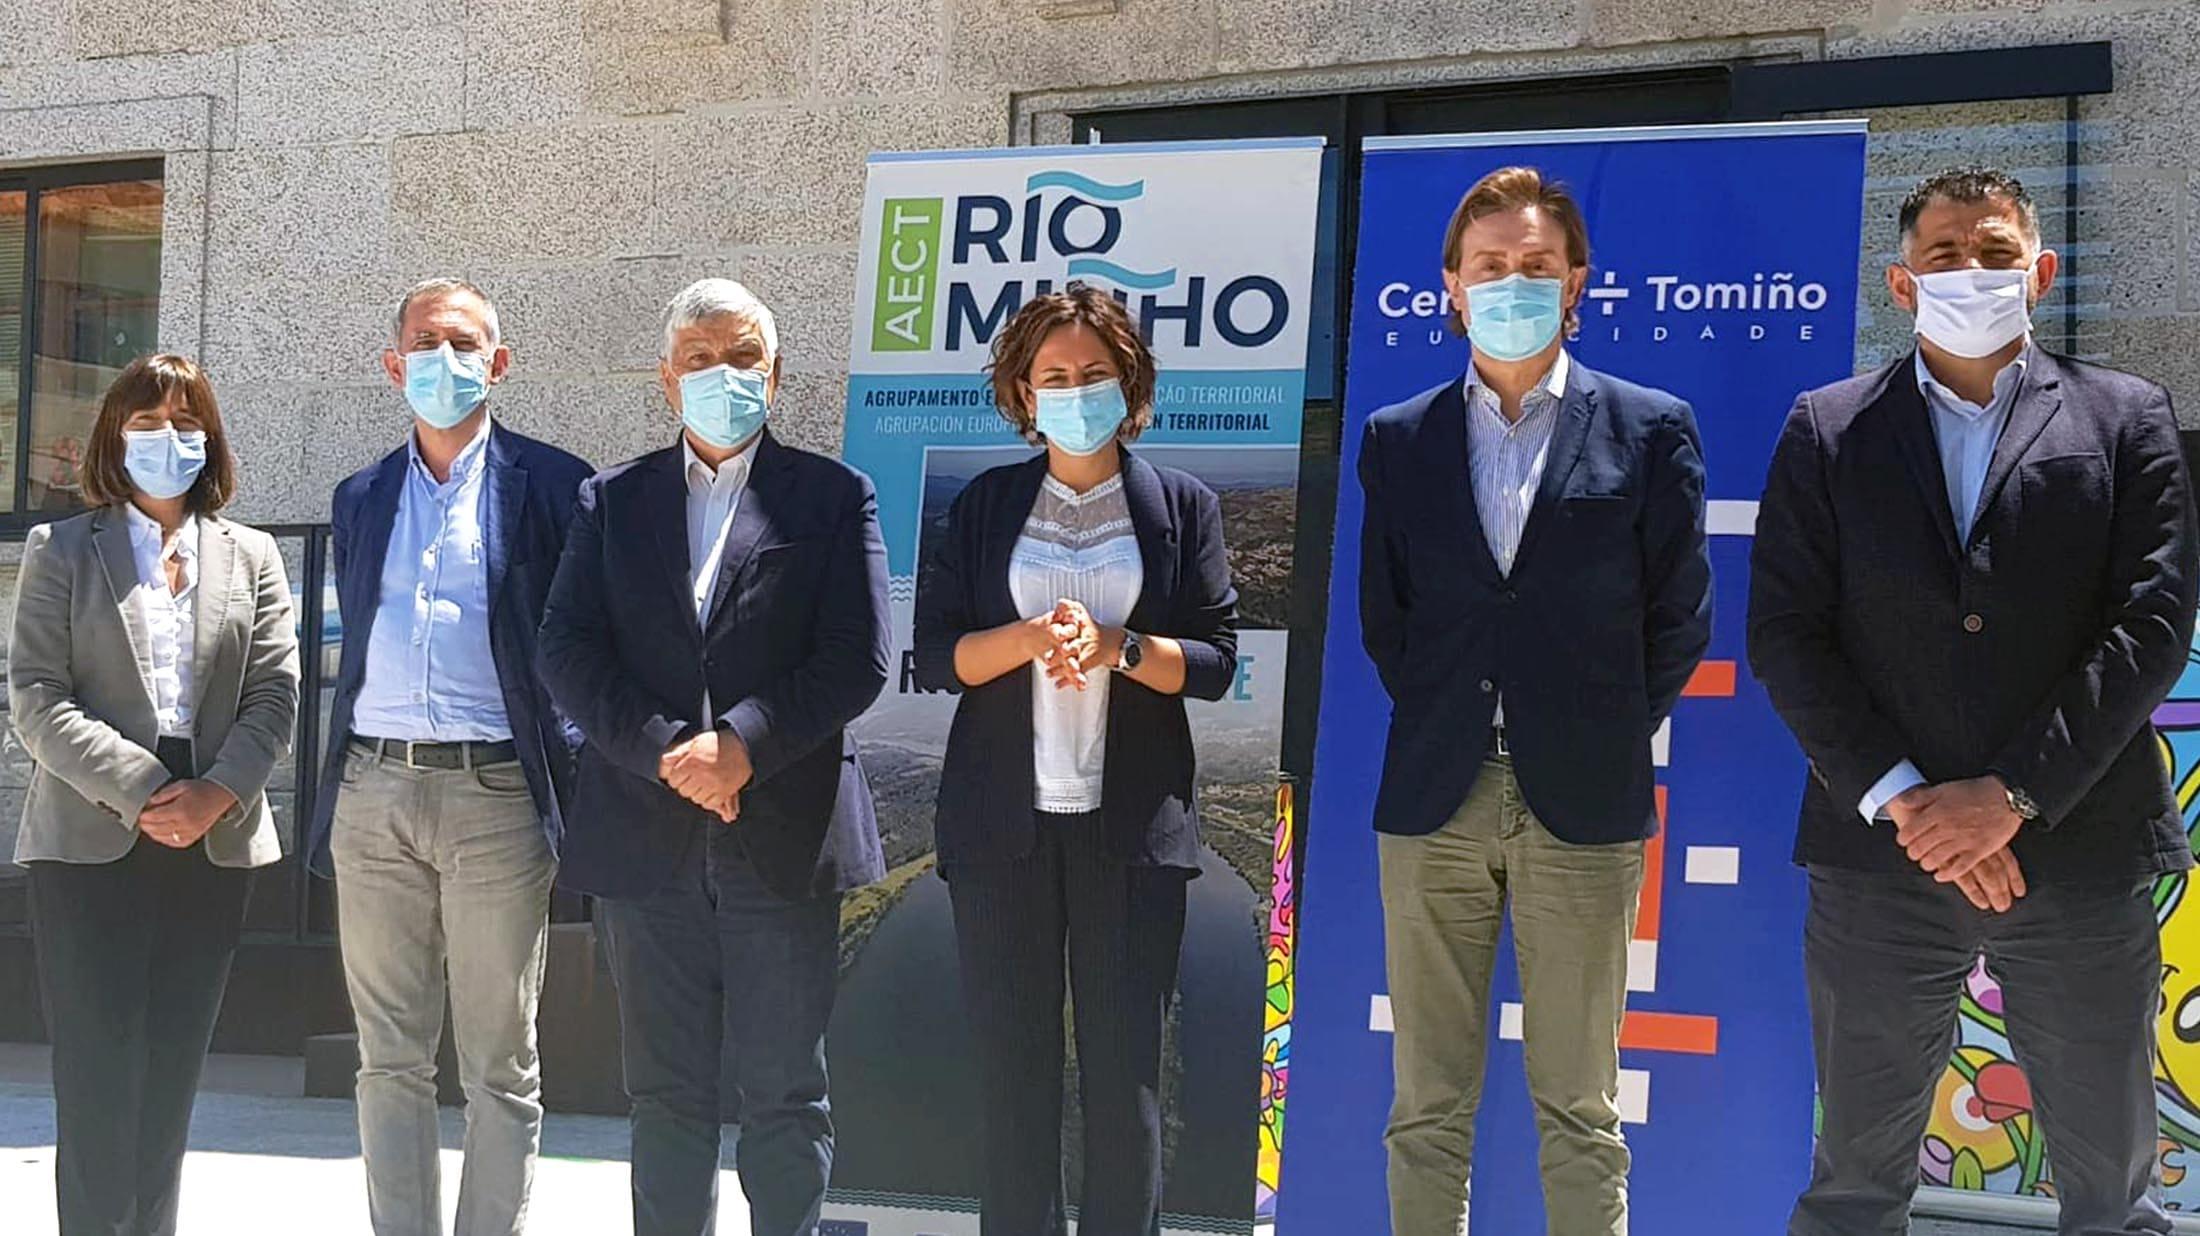 incrementar medidas de recuperação pós-Covid19 conclusão da jornada de trabalho da Eurocidade Cerveira-Tomiño